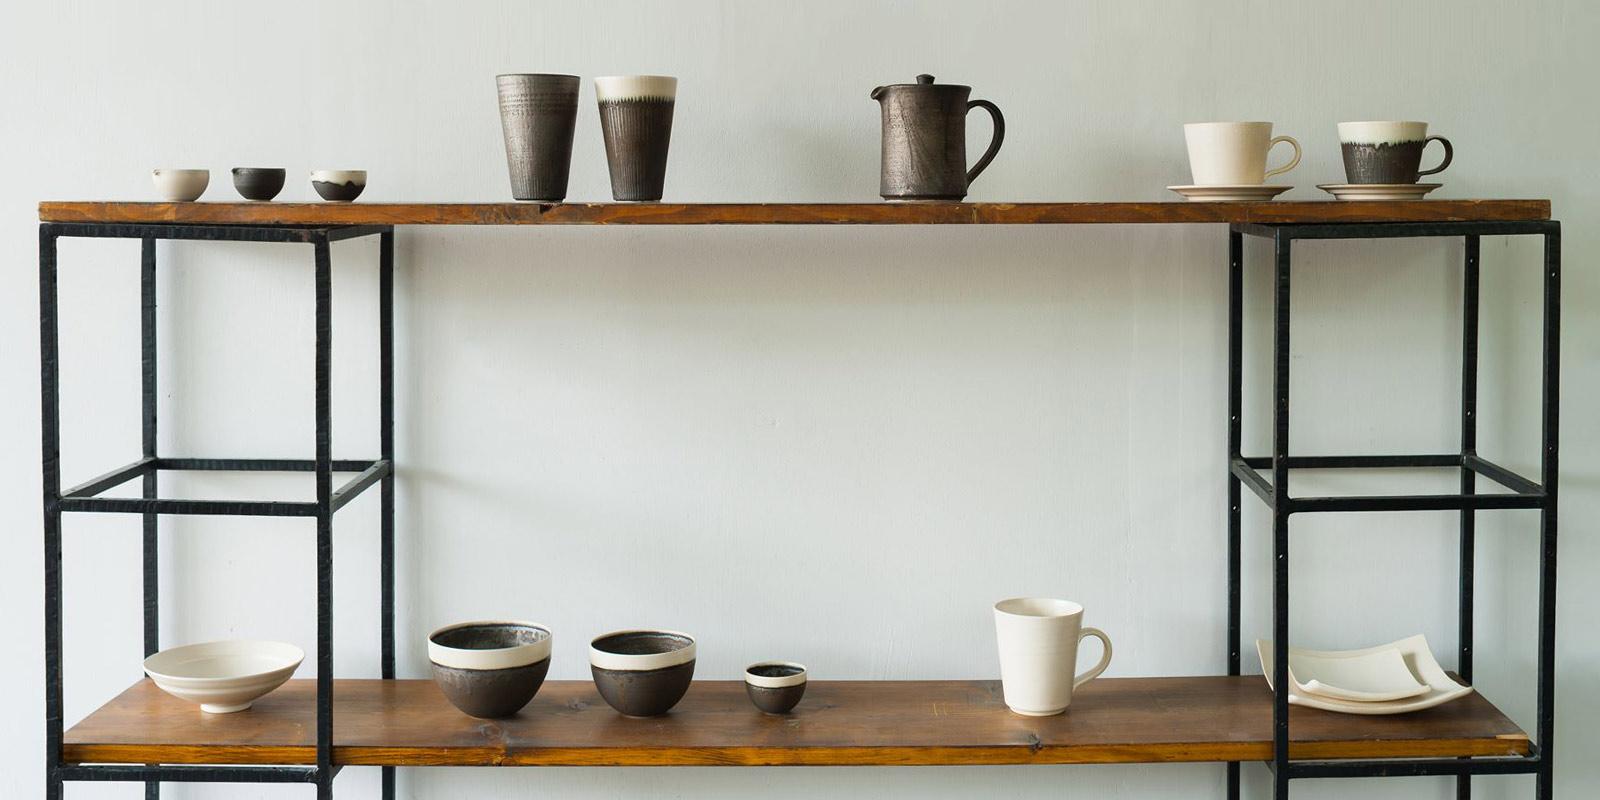 生活に寄り添う器。料理を盛ったときはもちろん、収納したときの美しさにもこだわった器たちは生活に楽しさを与えてくれる。トキノハはそんな「生活に寄り沿う器」をコンセプトにした京都・清水焼のお店です。